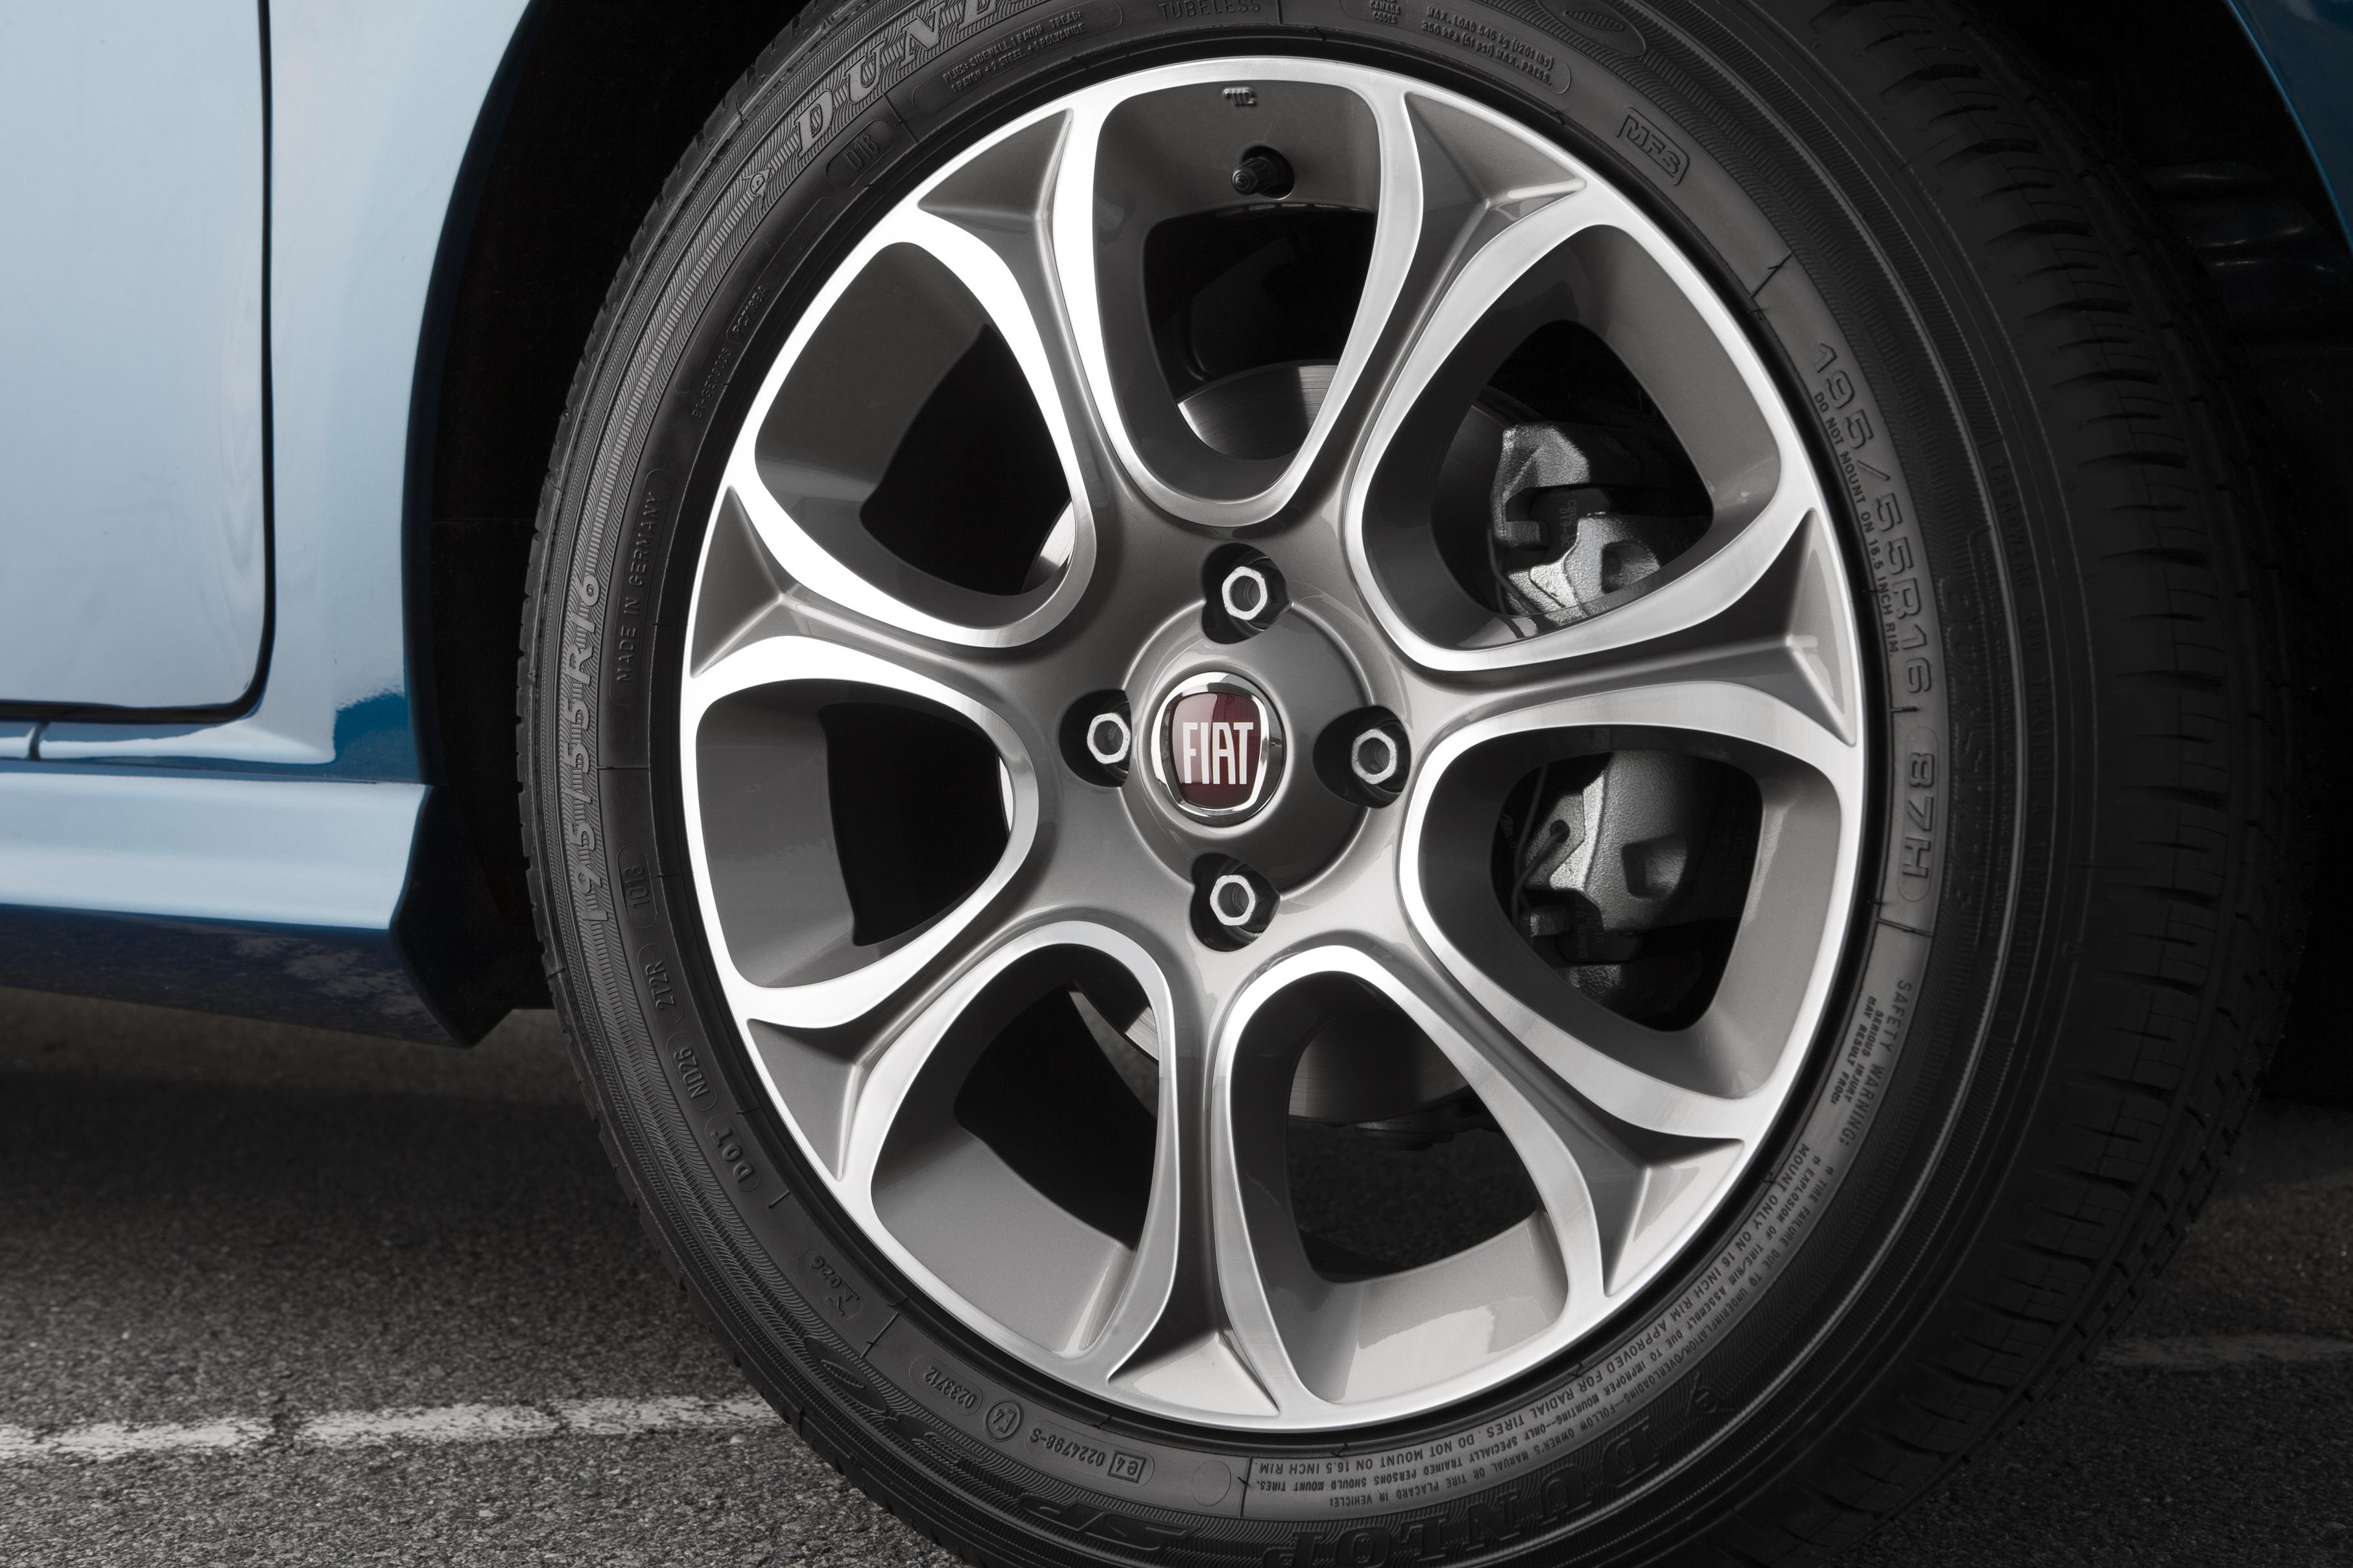 Fiat Punto Lounge exterior_5c